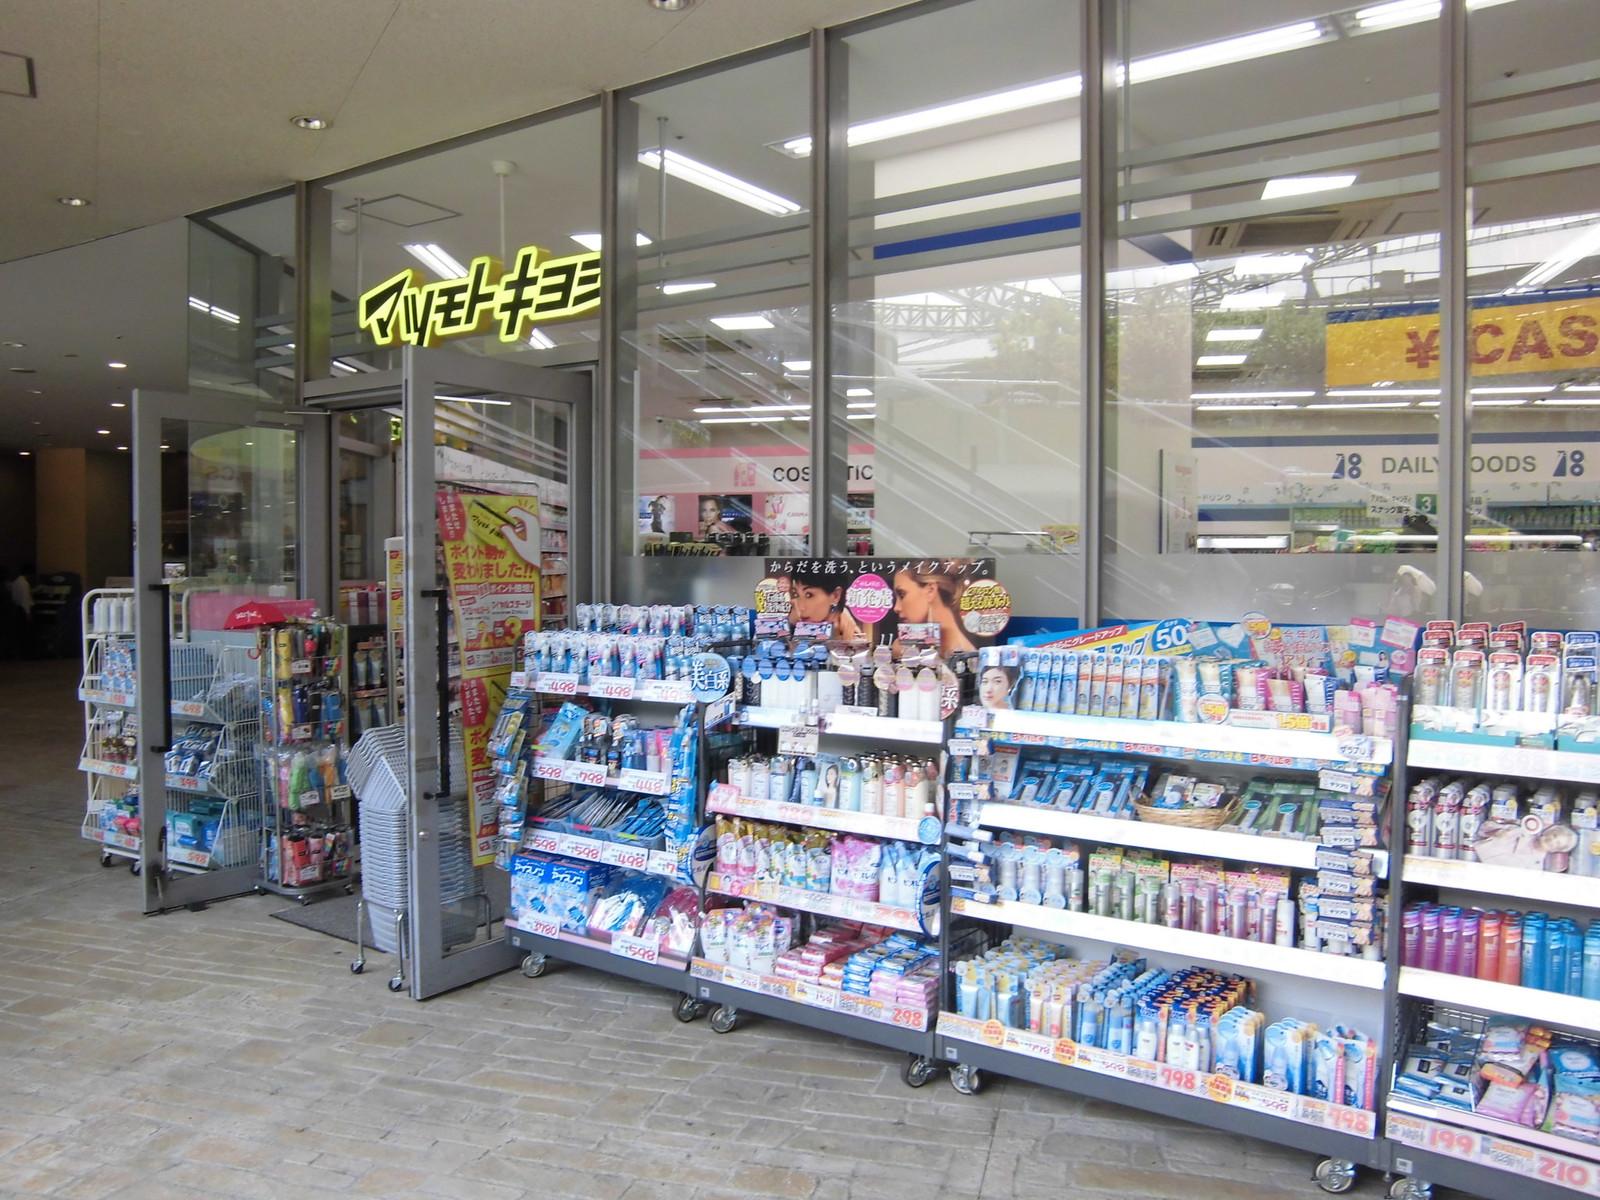 マツモトキヨシ 東京ドームシティLaQua店